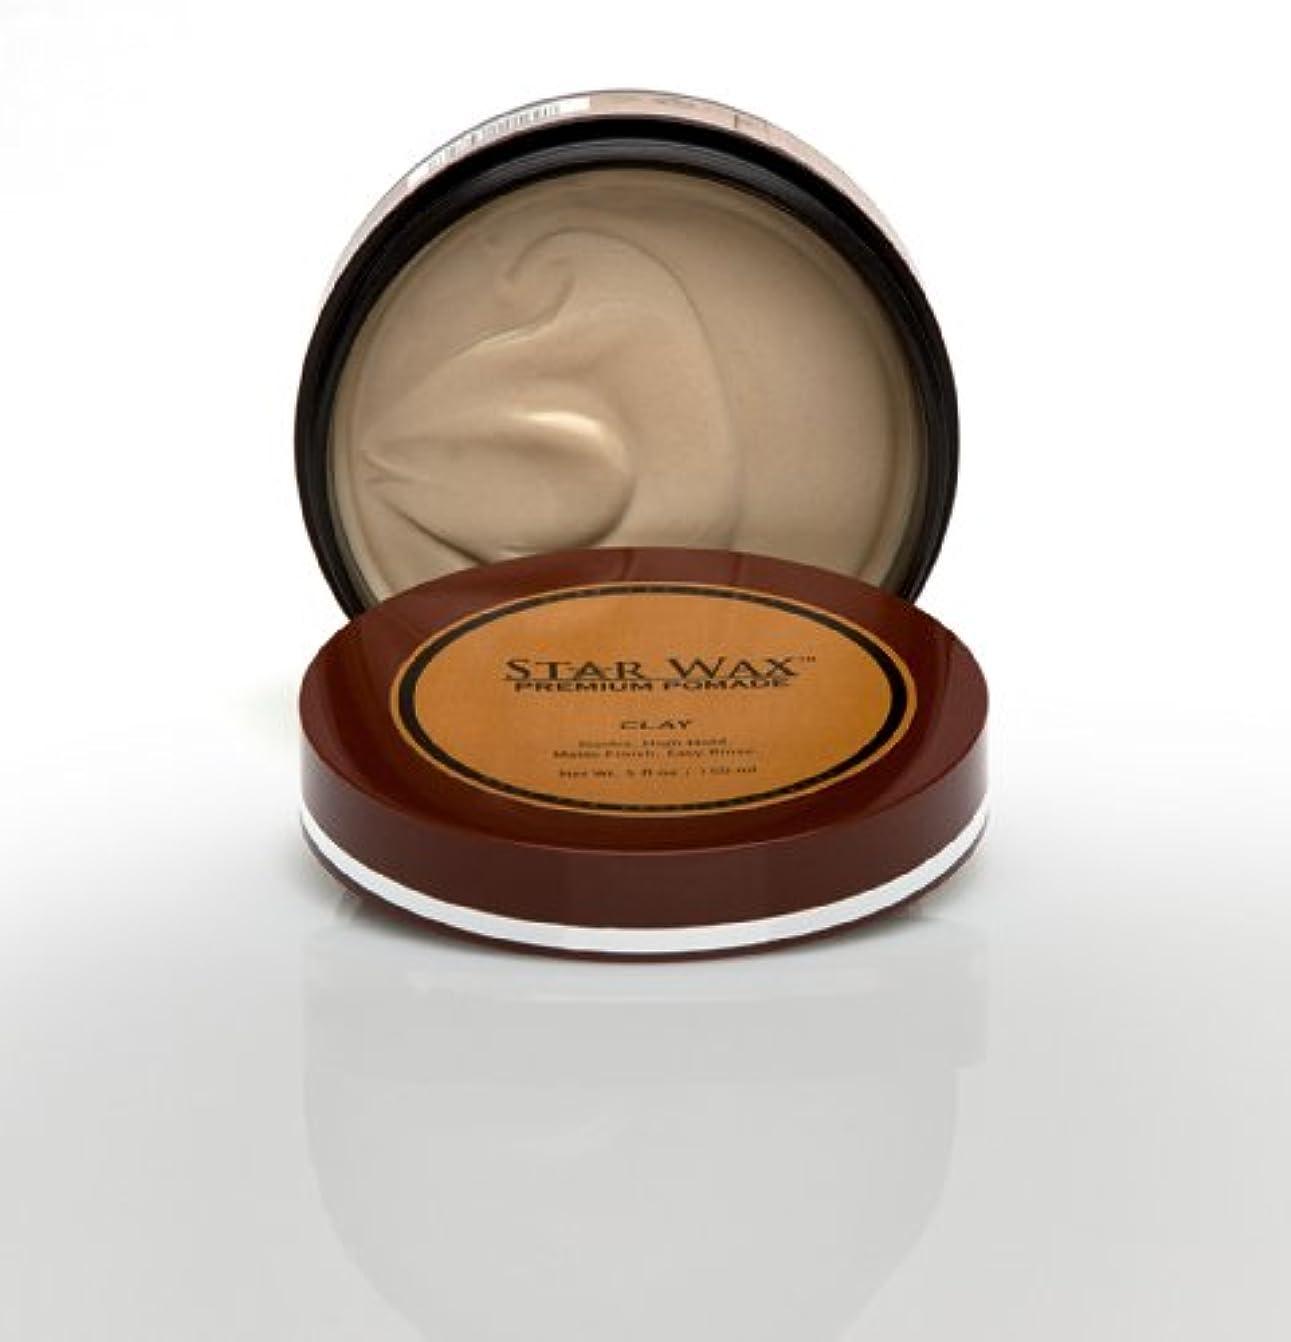 展開する従う比べるStar Wax | Premium Pomade, Clay(スターワックスプレミアム ポマード「クレイ」)?Star Pro Line(スタープロライン)製?5(液量)オンス/150ml